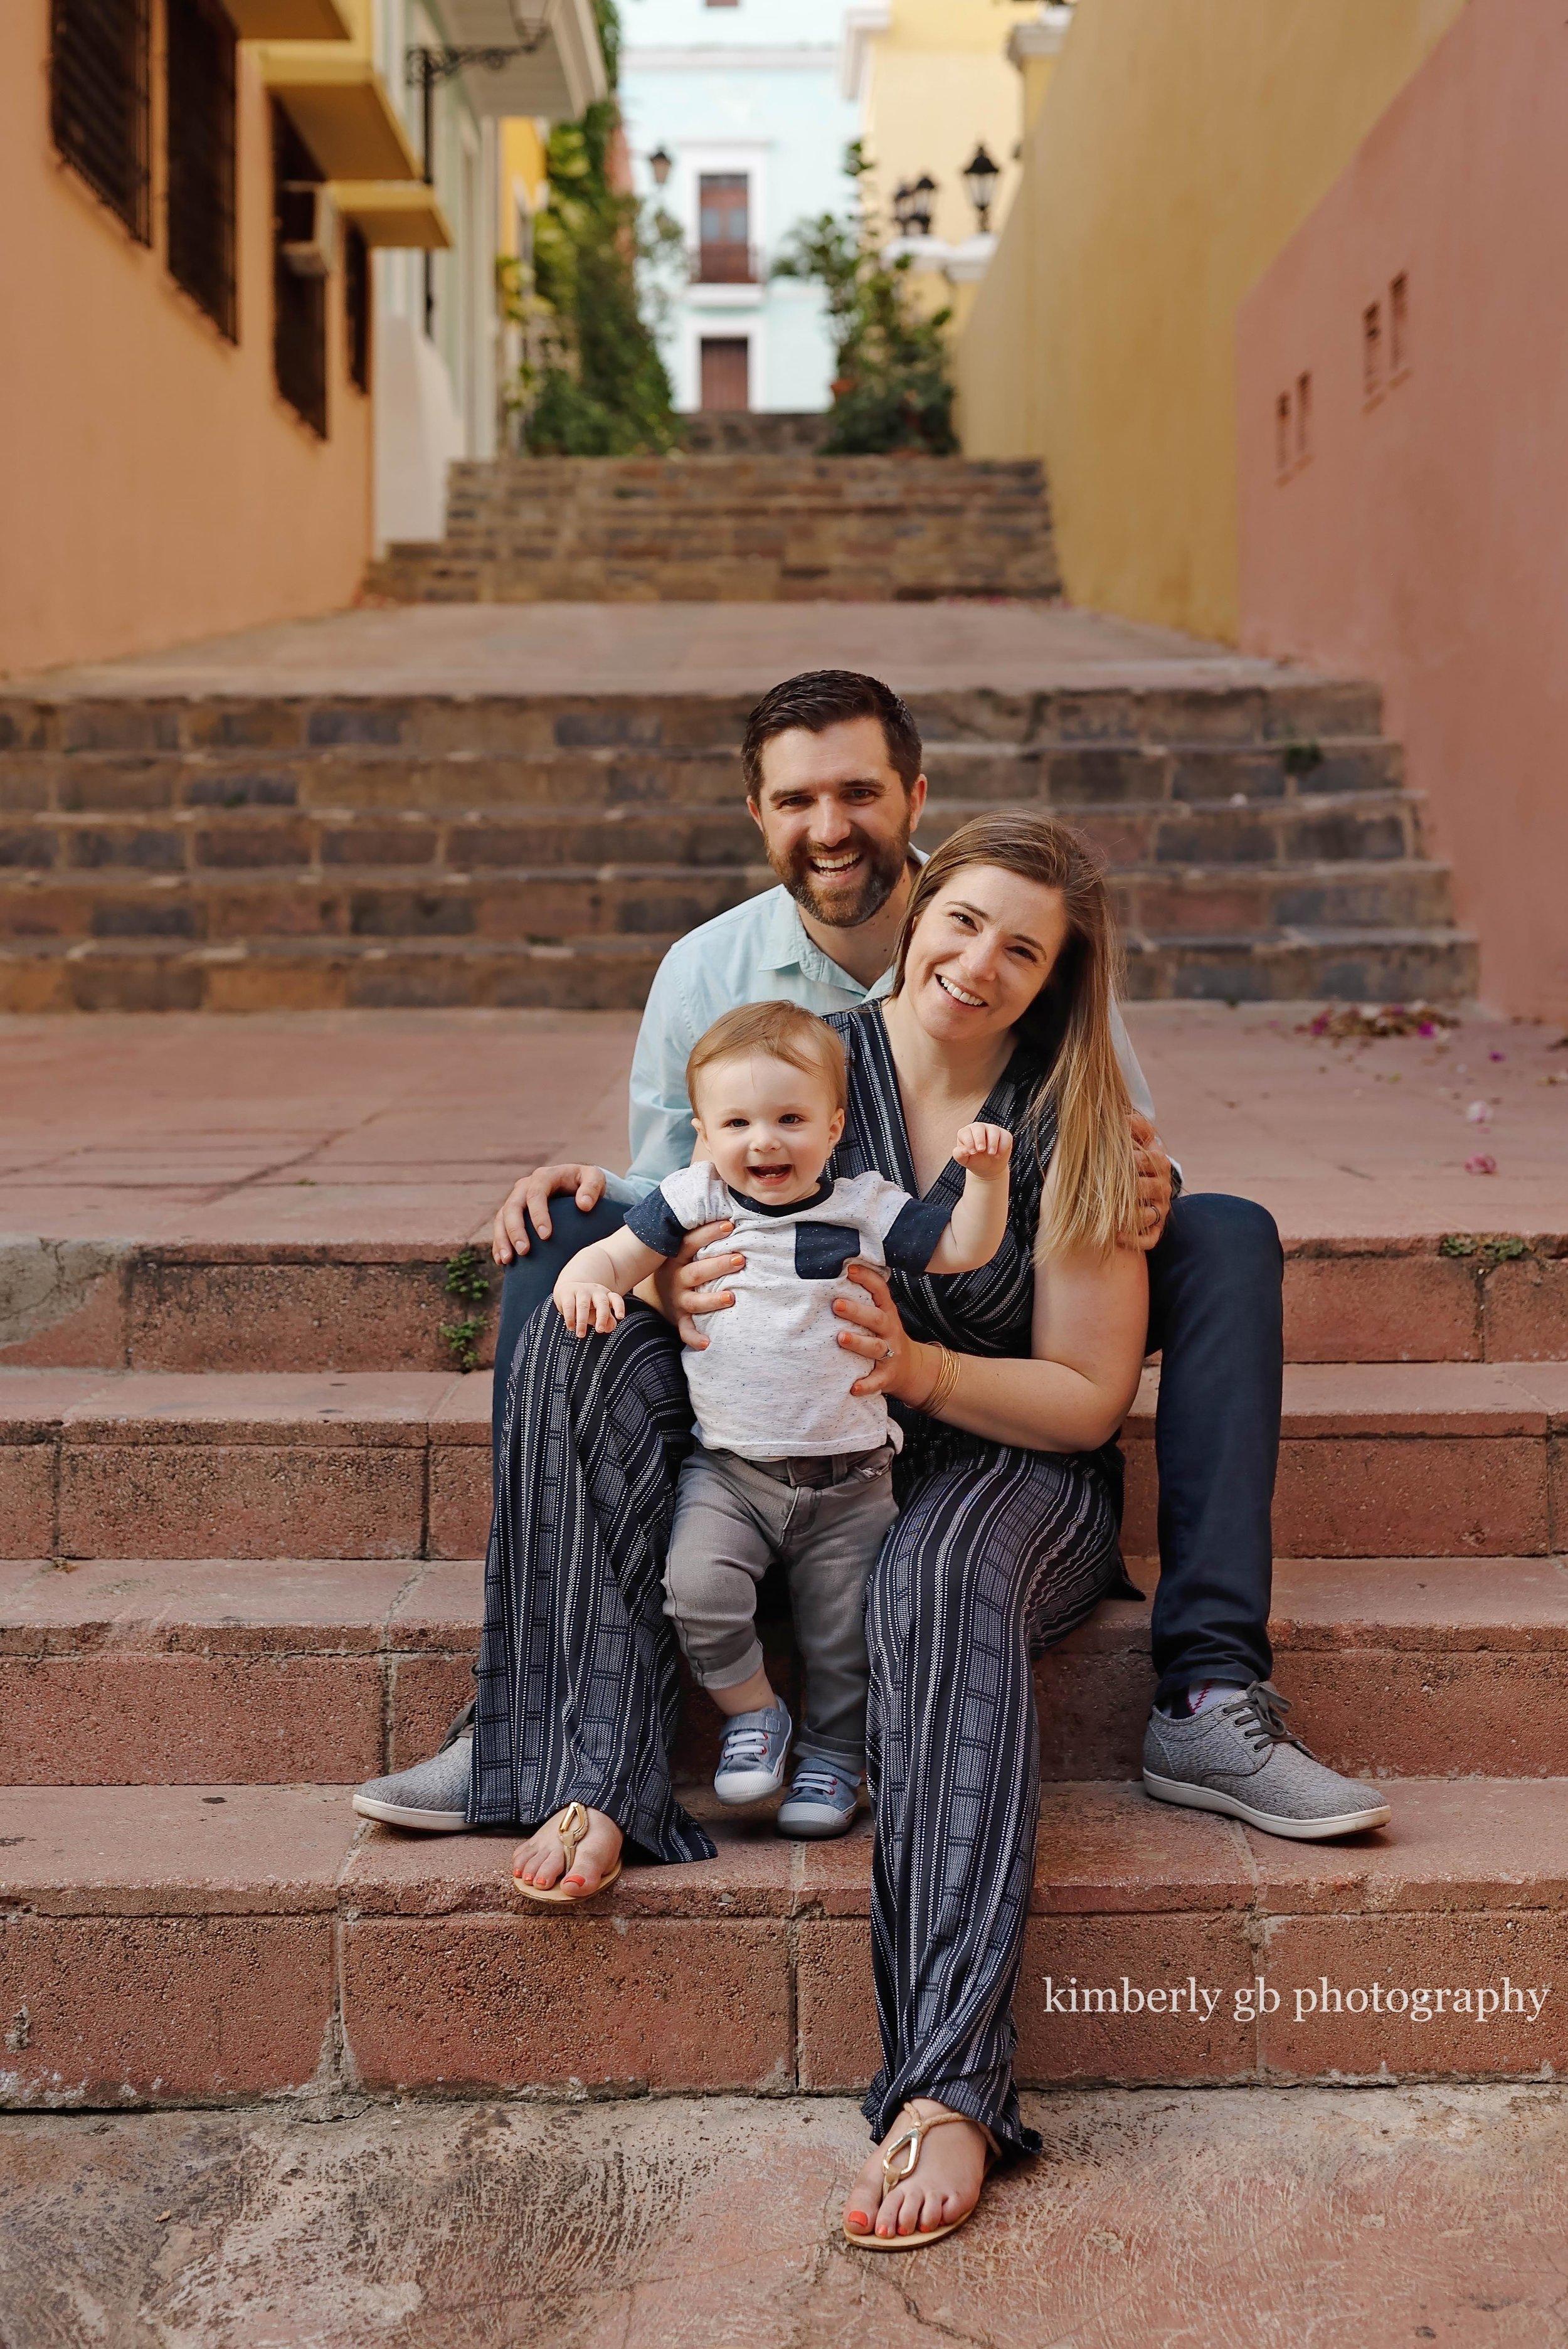 kimberly-gb-photography-fotografa-portrait-retrato-family-familia-puerto-rico-107.jpg